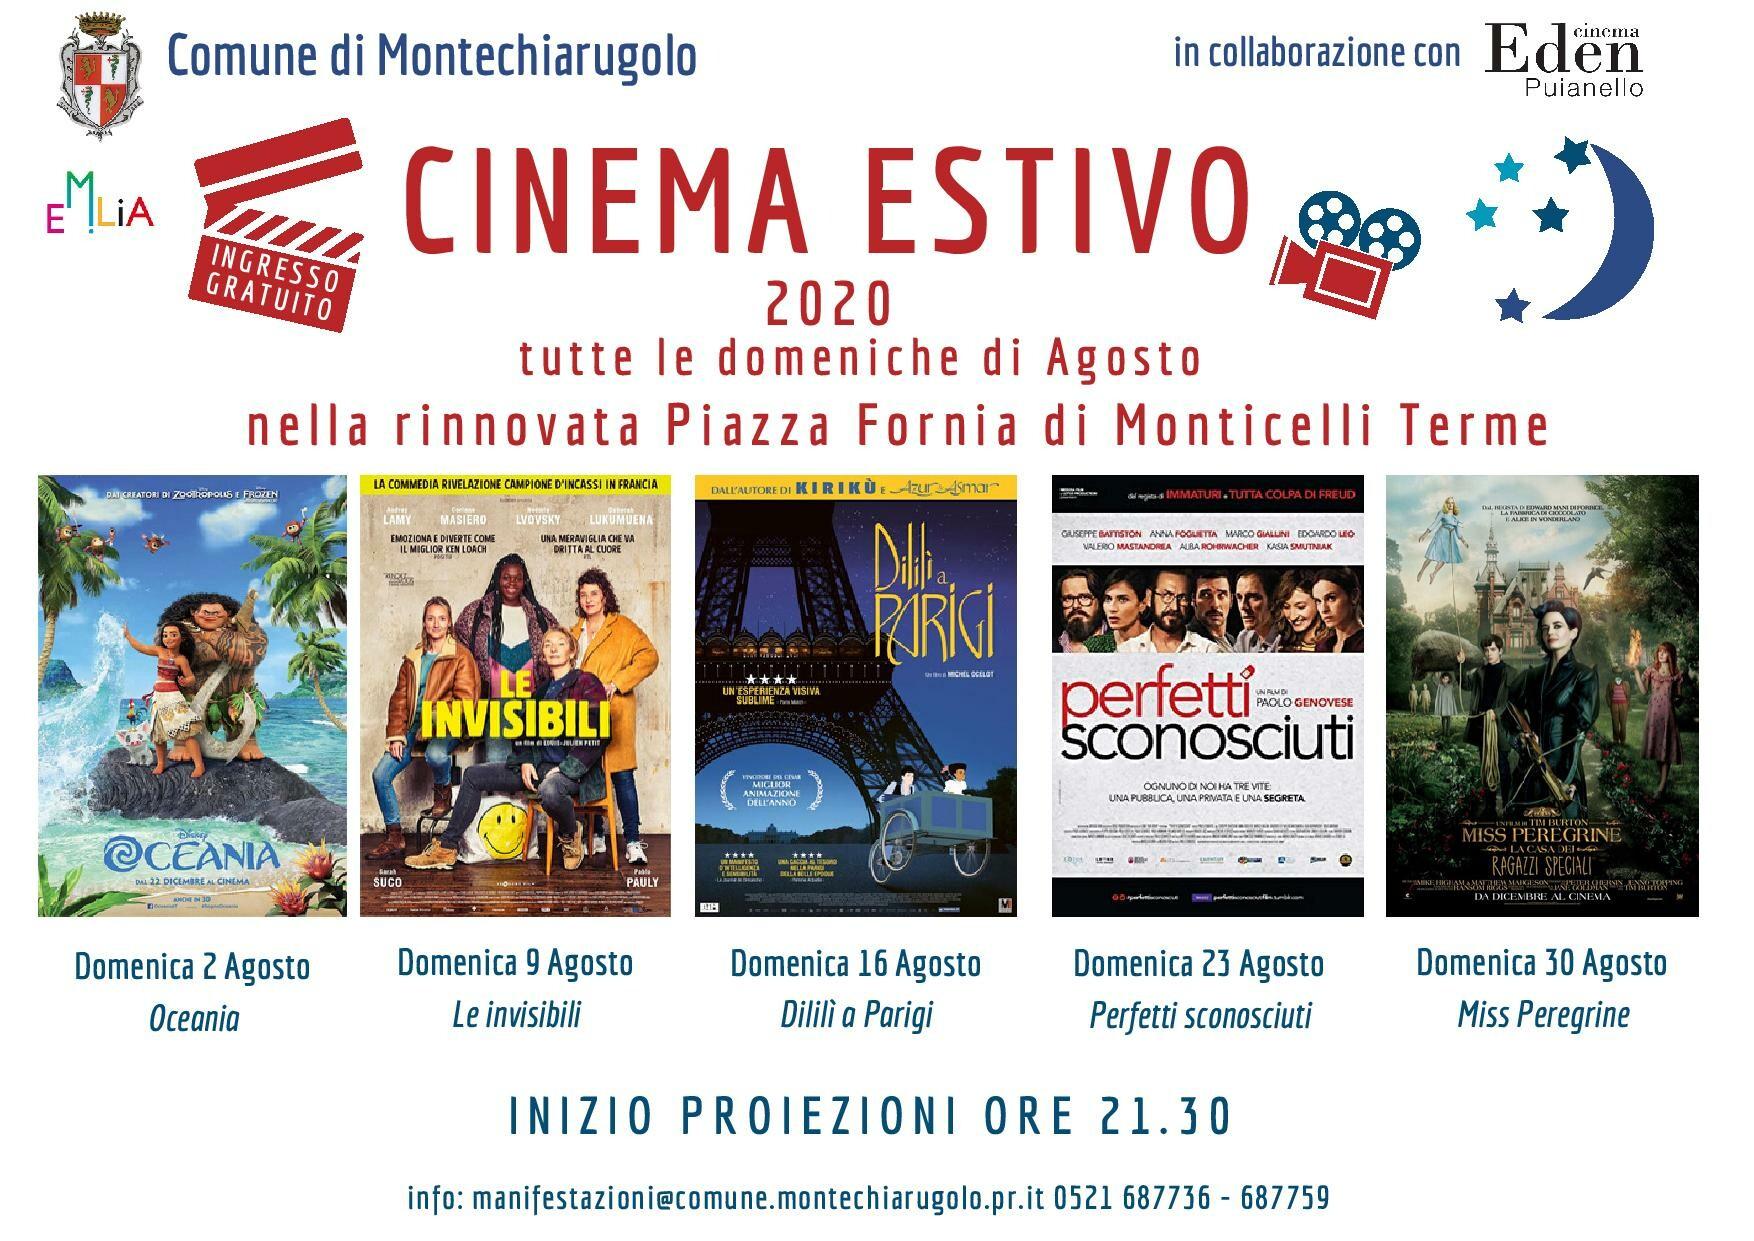 Cinema estivo in Piazza Fornia  a Monticelli Terme:  Oceania film di animazione Disney Oceania.